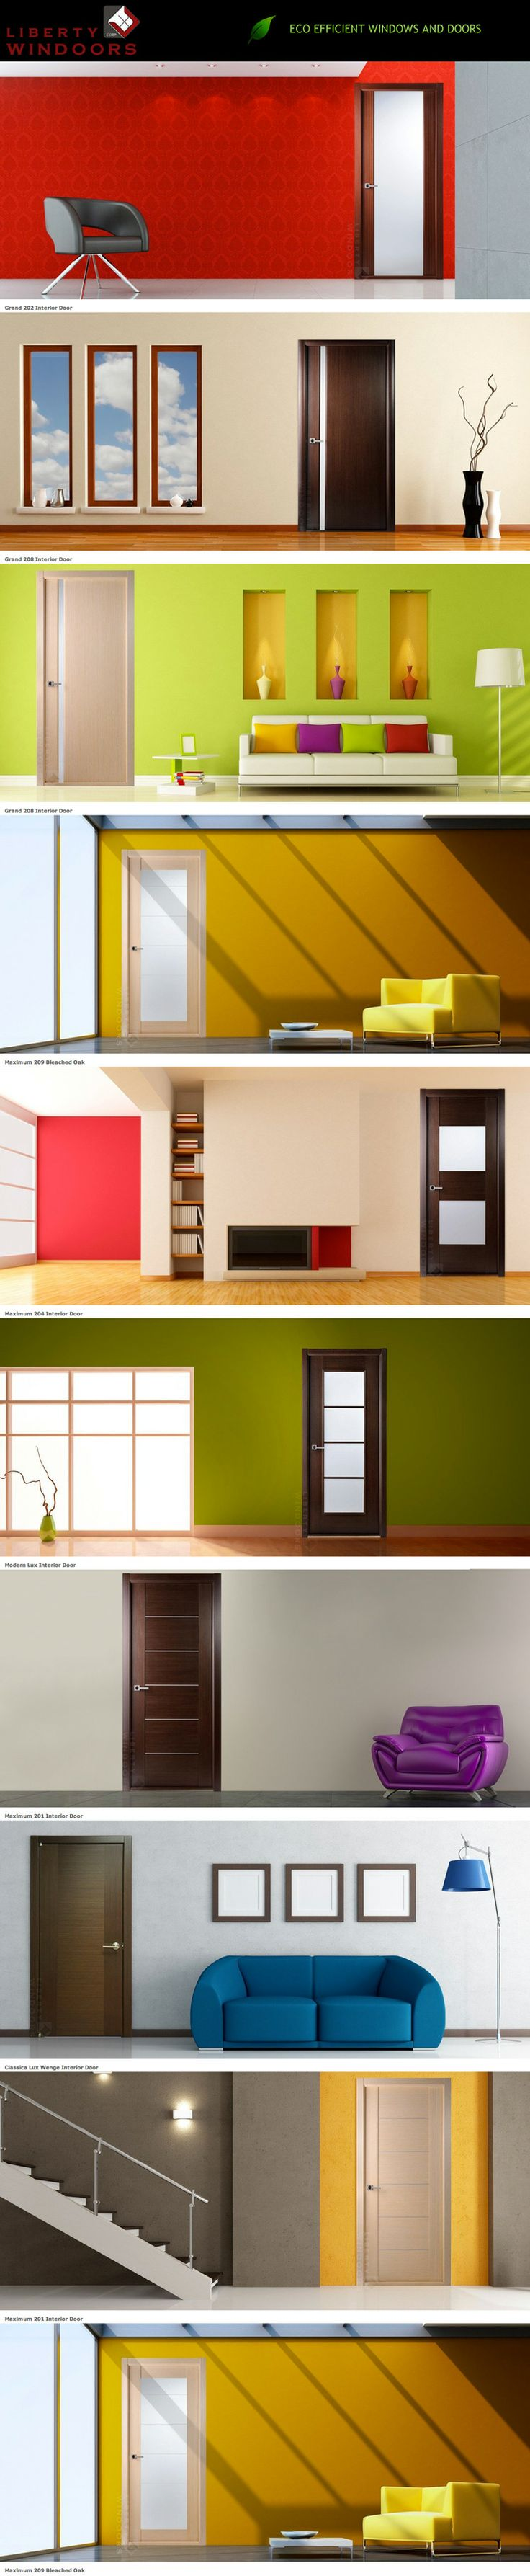 doors aluminum door sliding interior front manufacturers discount glass angeles commercial los garage